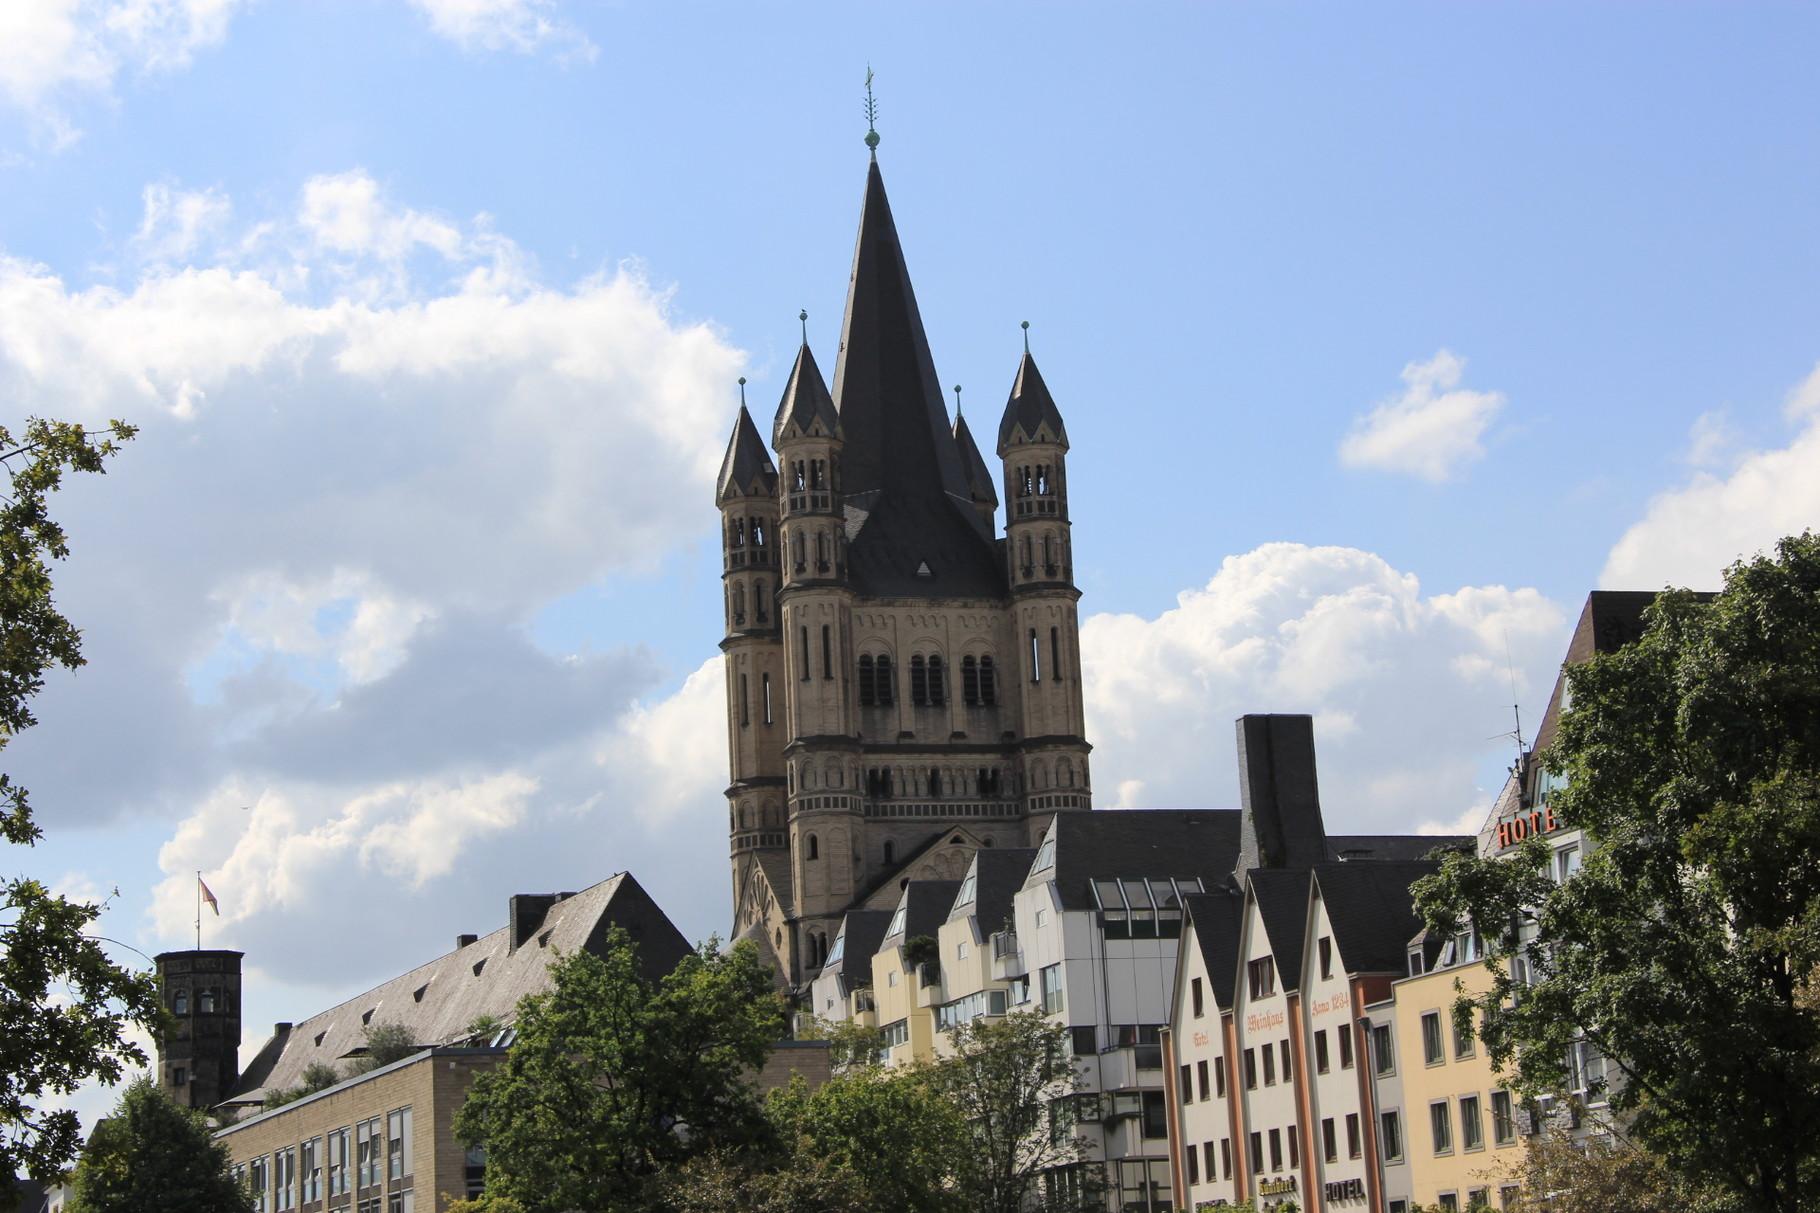 Kurzführung - Blick auf die Altstadt mit Groß St. Martin